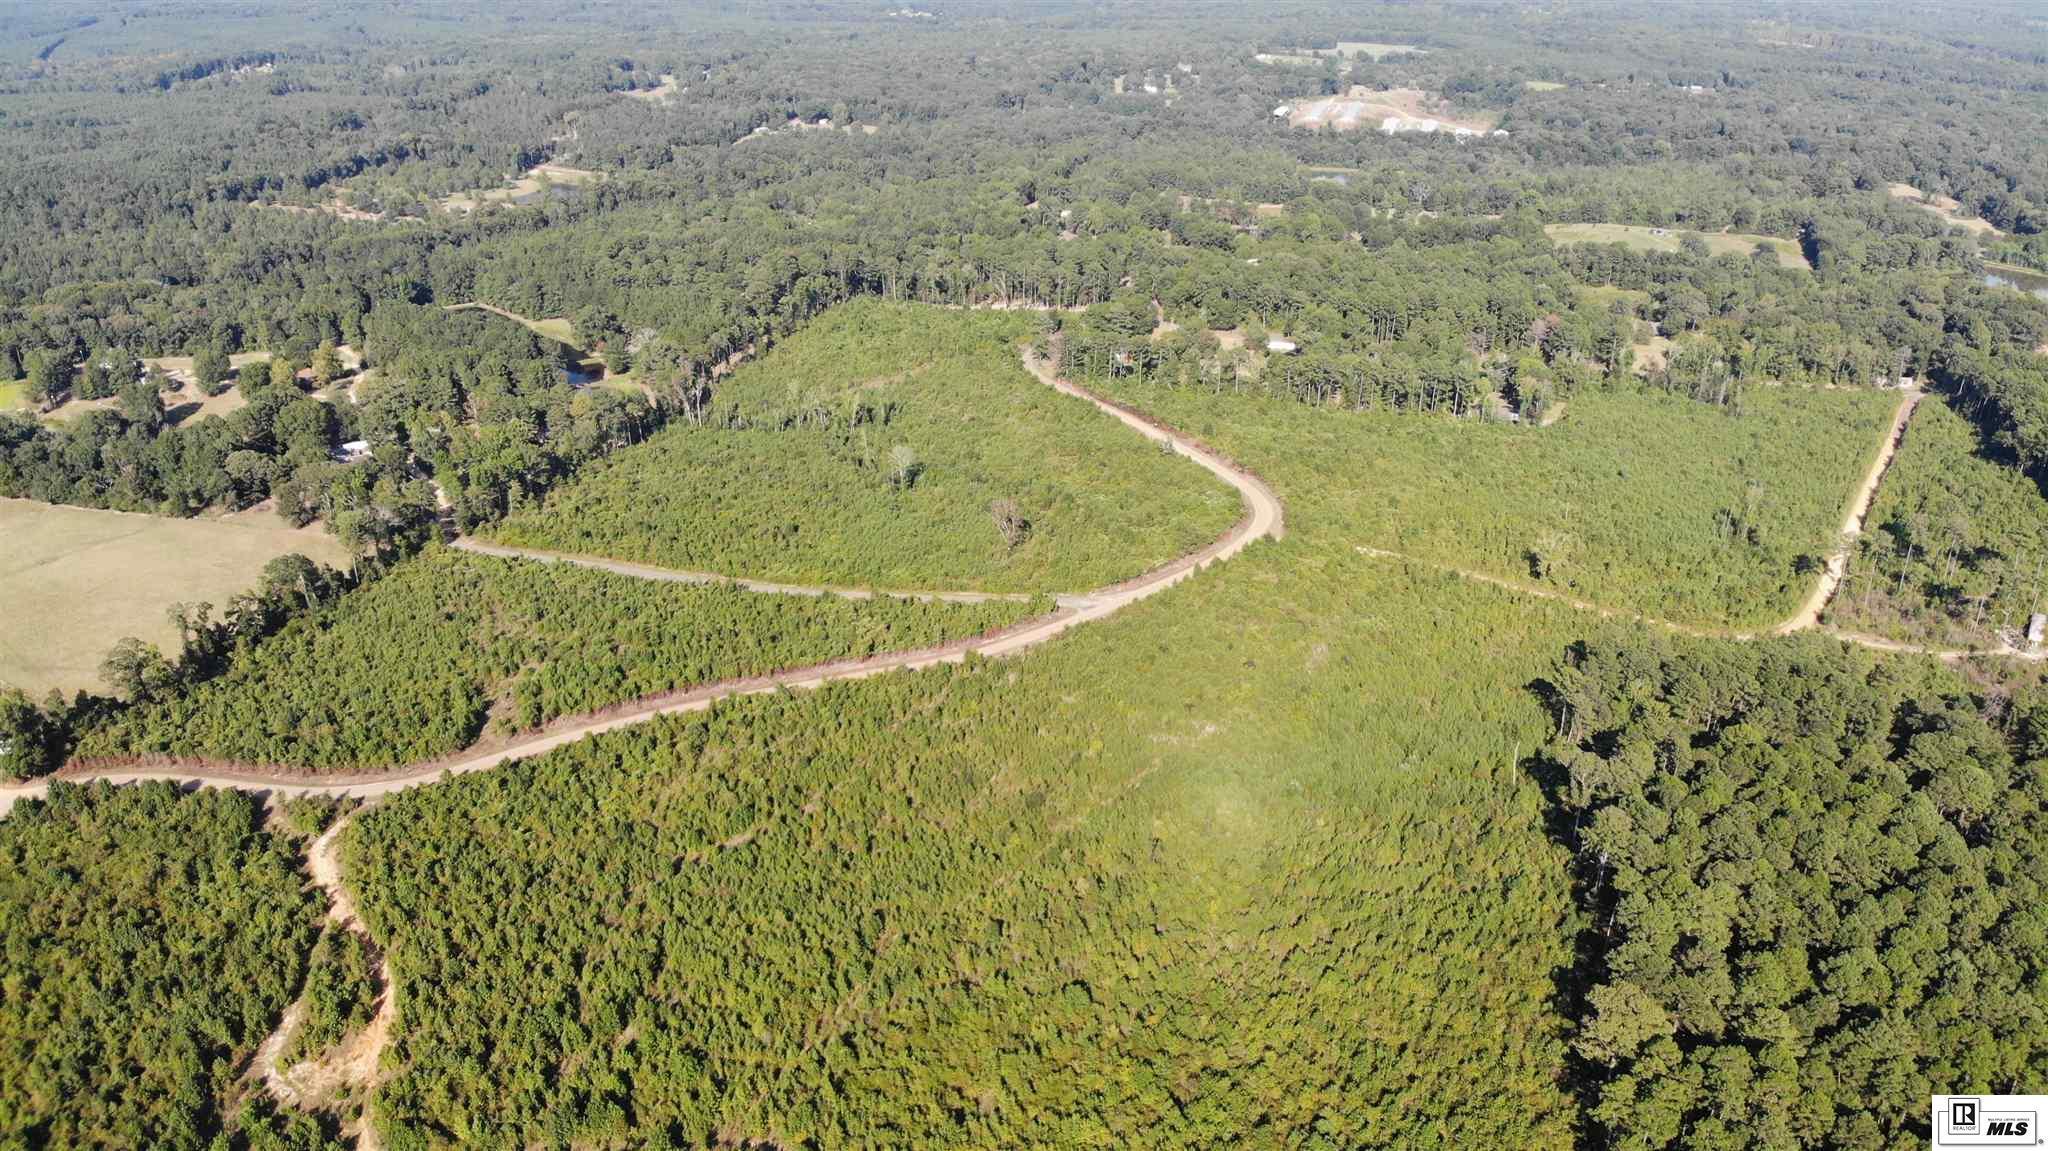 000 WEEMS ROAD, 164 N Calhoun-Pine Hills to Hwy